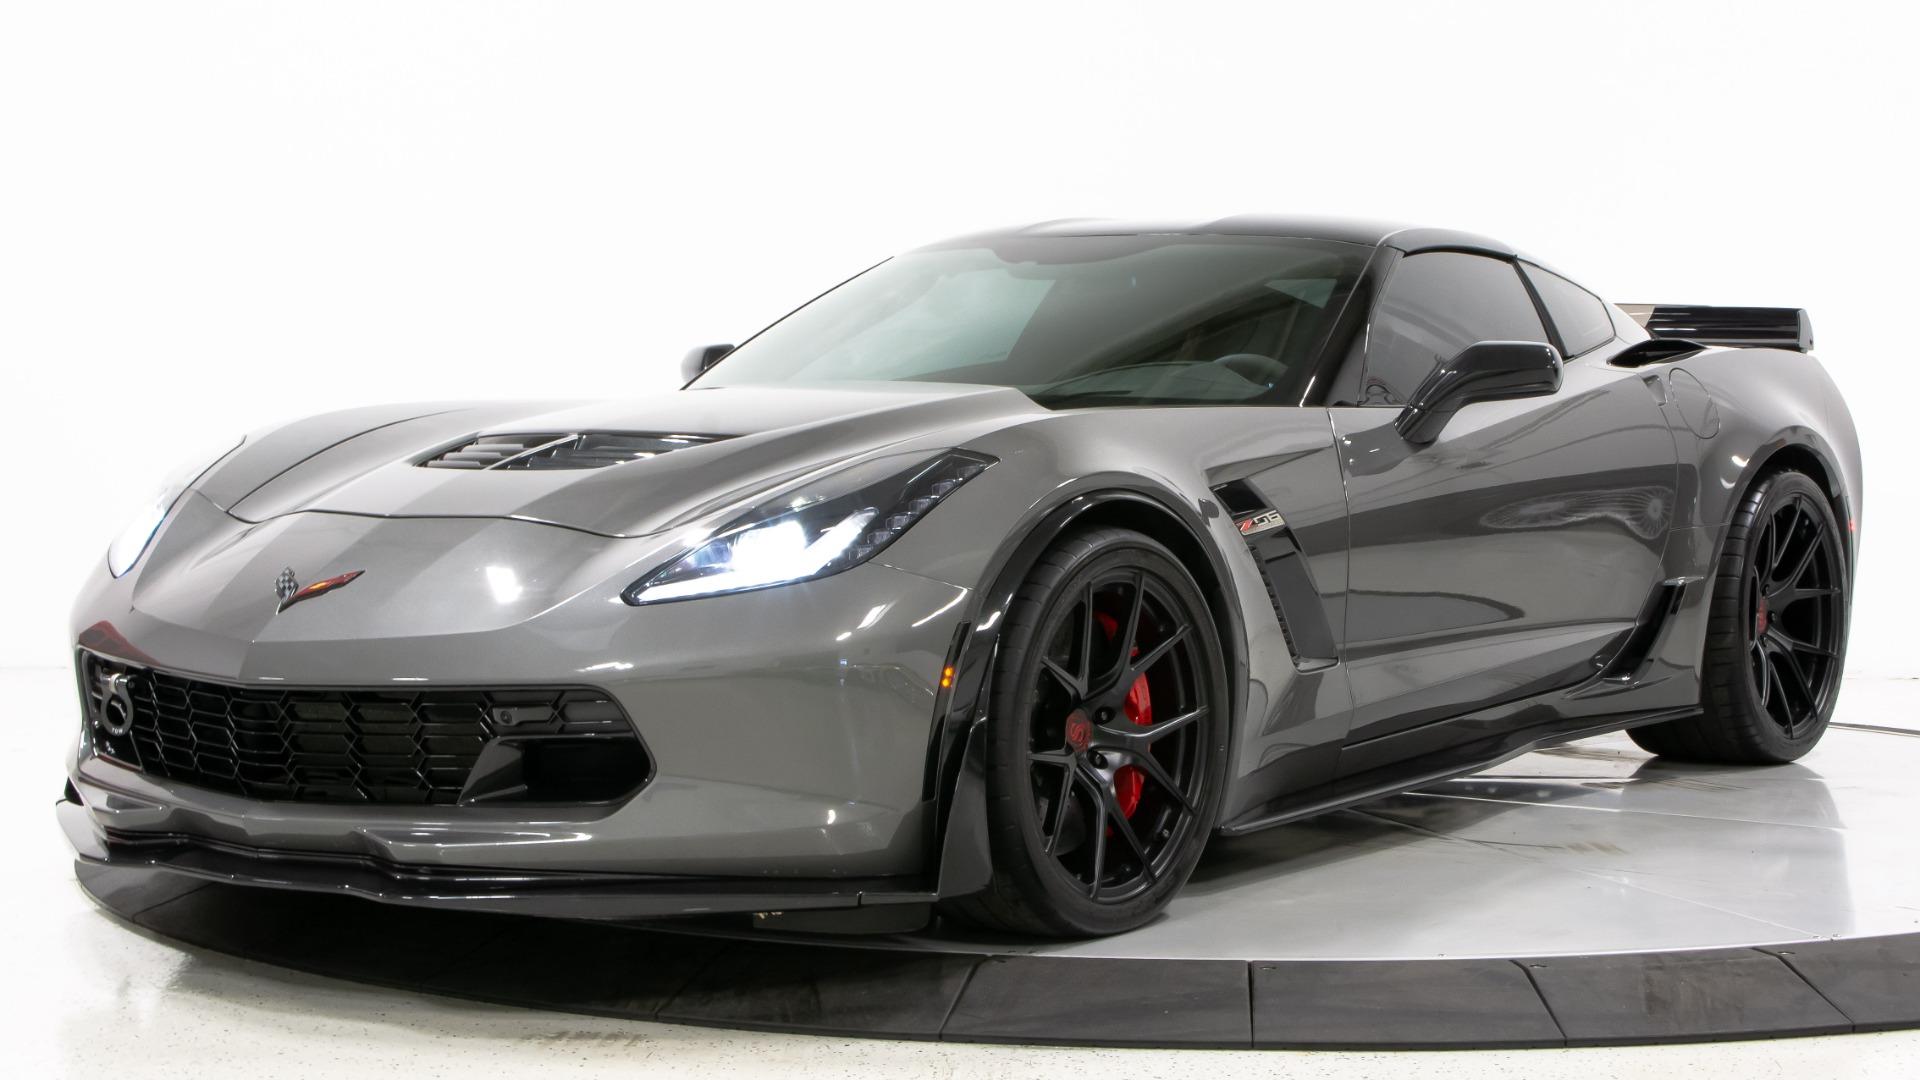 Used 2016 Chevrolet Corvette Z06 Z07 1000rwhp 416 Stroker Magnuson Sc Over 75